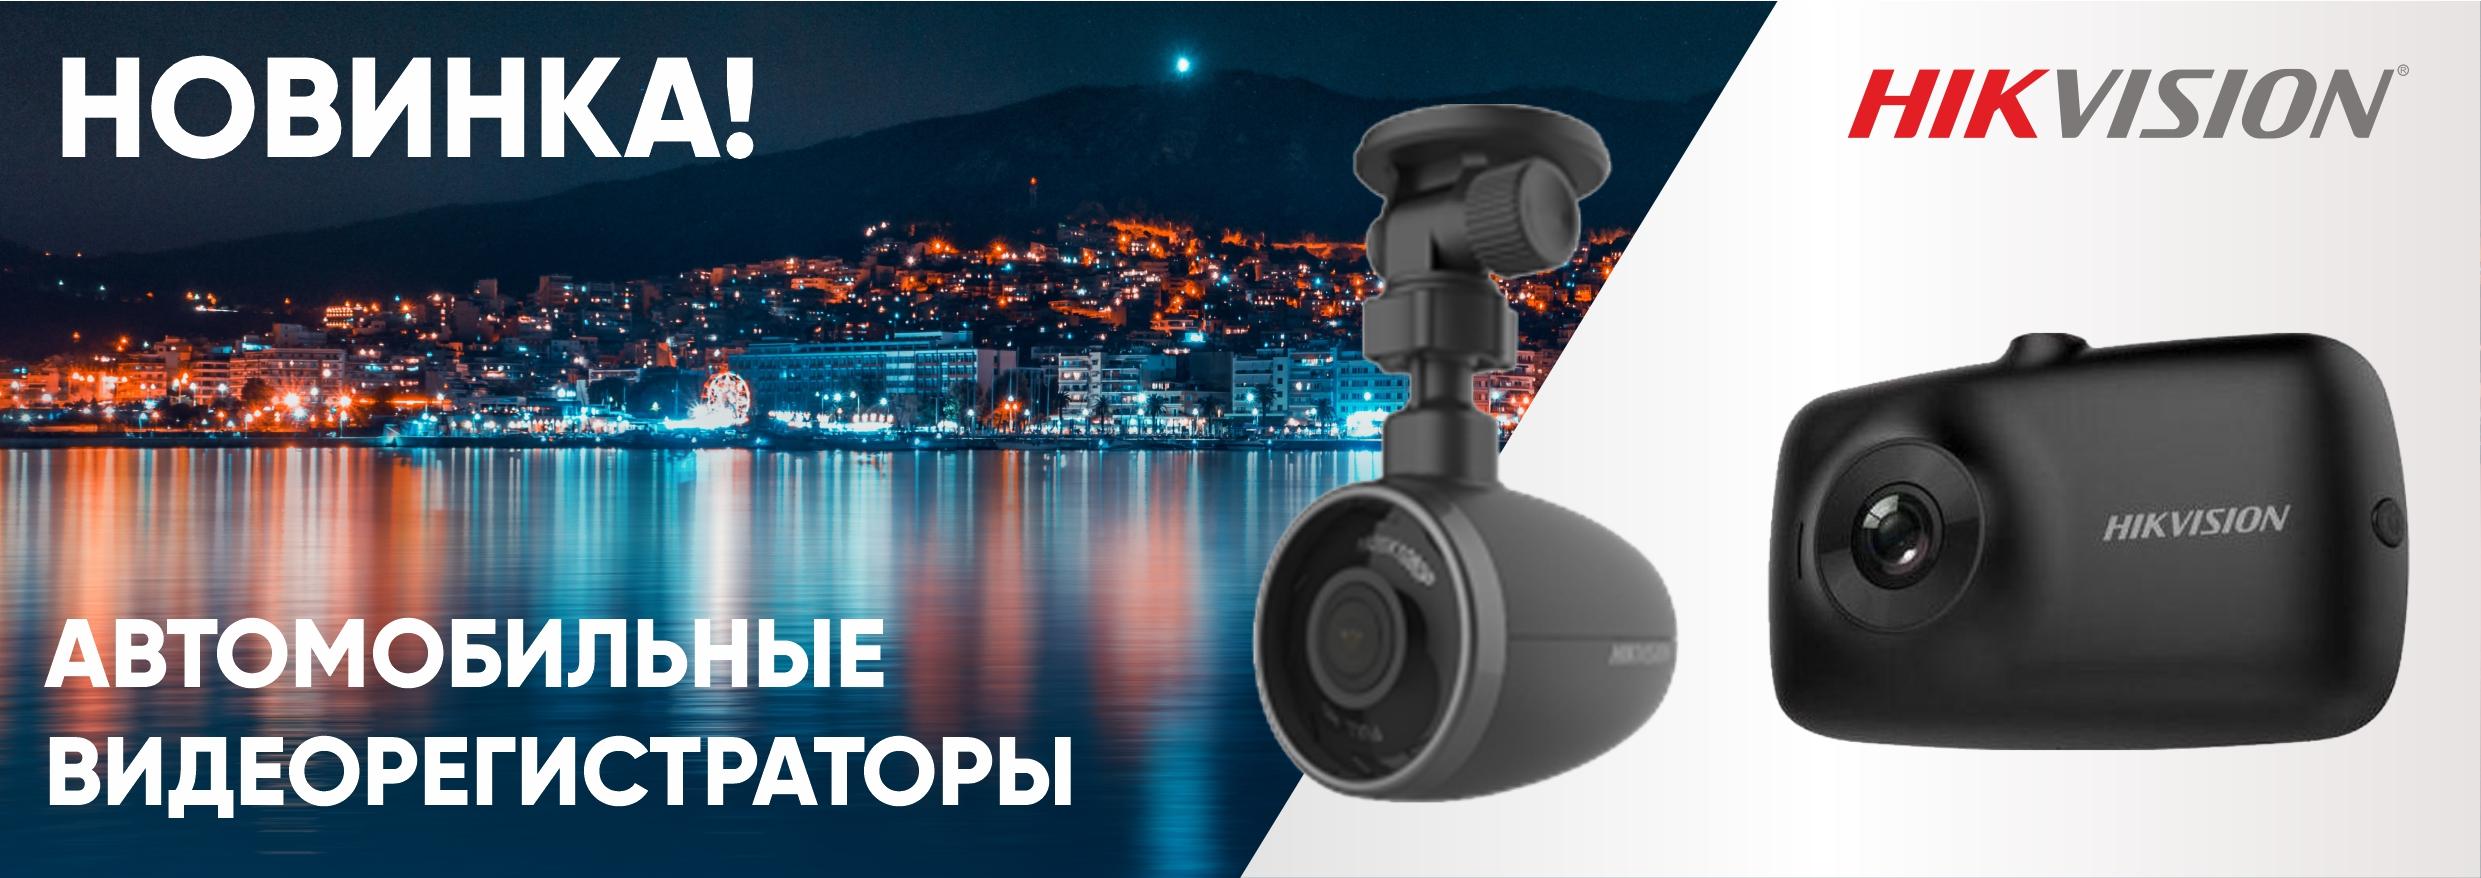 Новая партия авто видеорегистраторов от компании HIKVISION